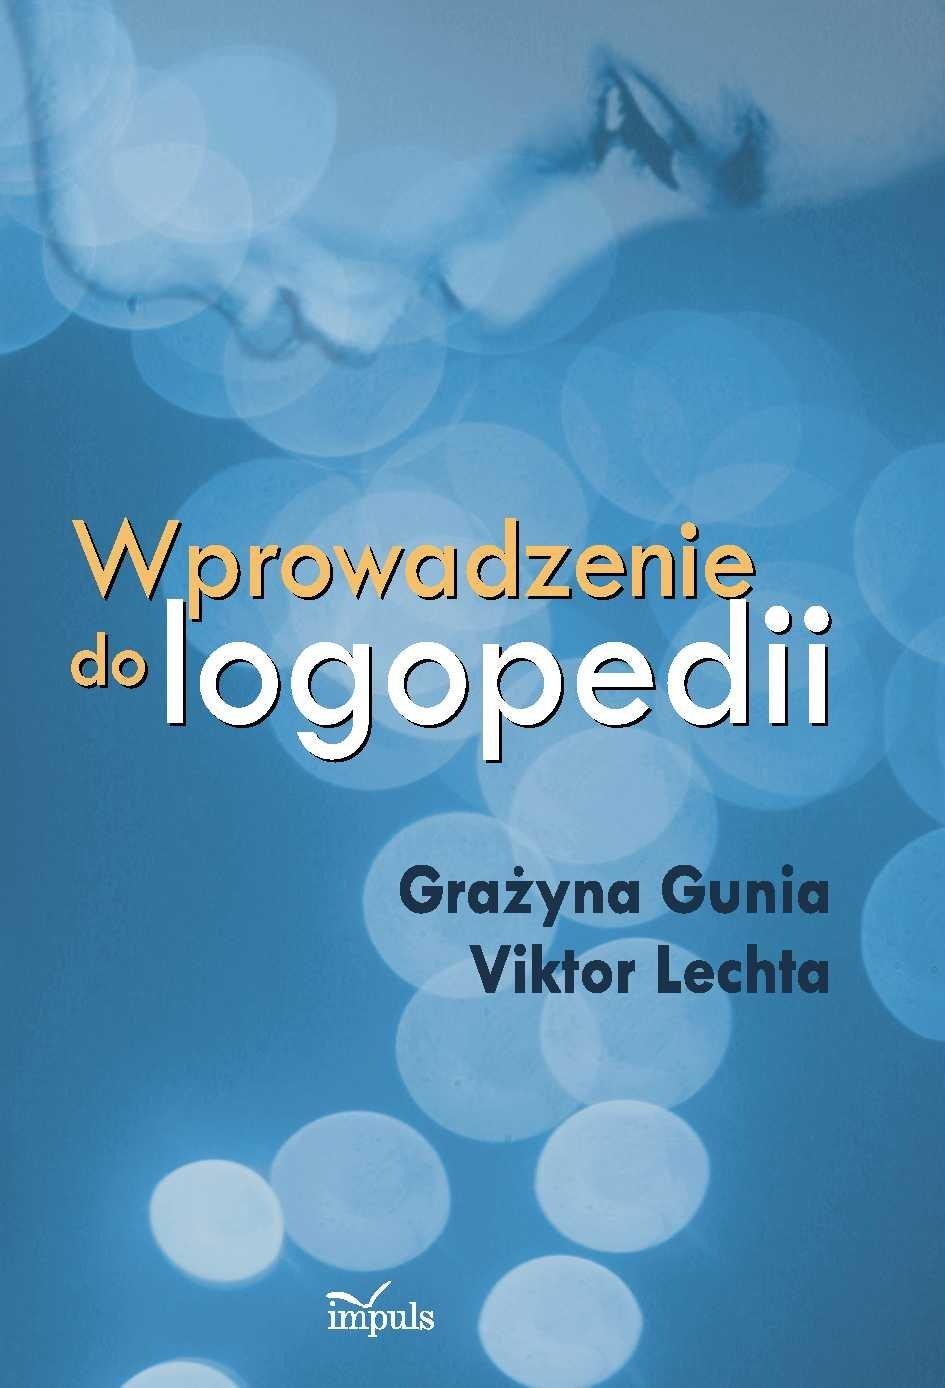 Wprowadzenie do logopedii - Ebook (Książka PDF) do pobrania w formacie PDF